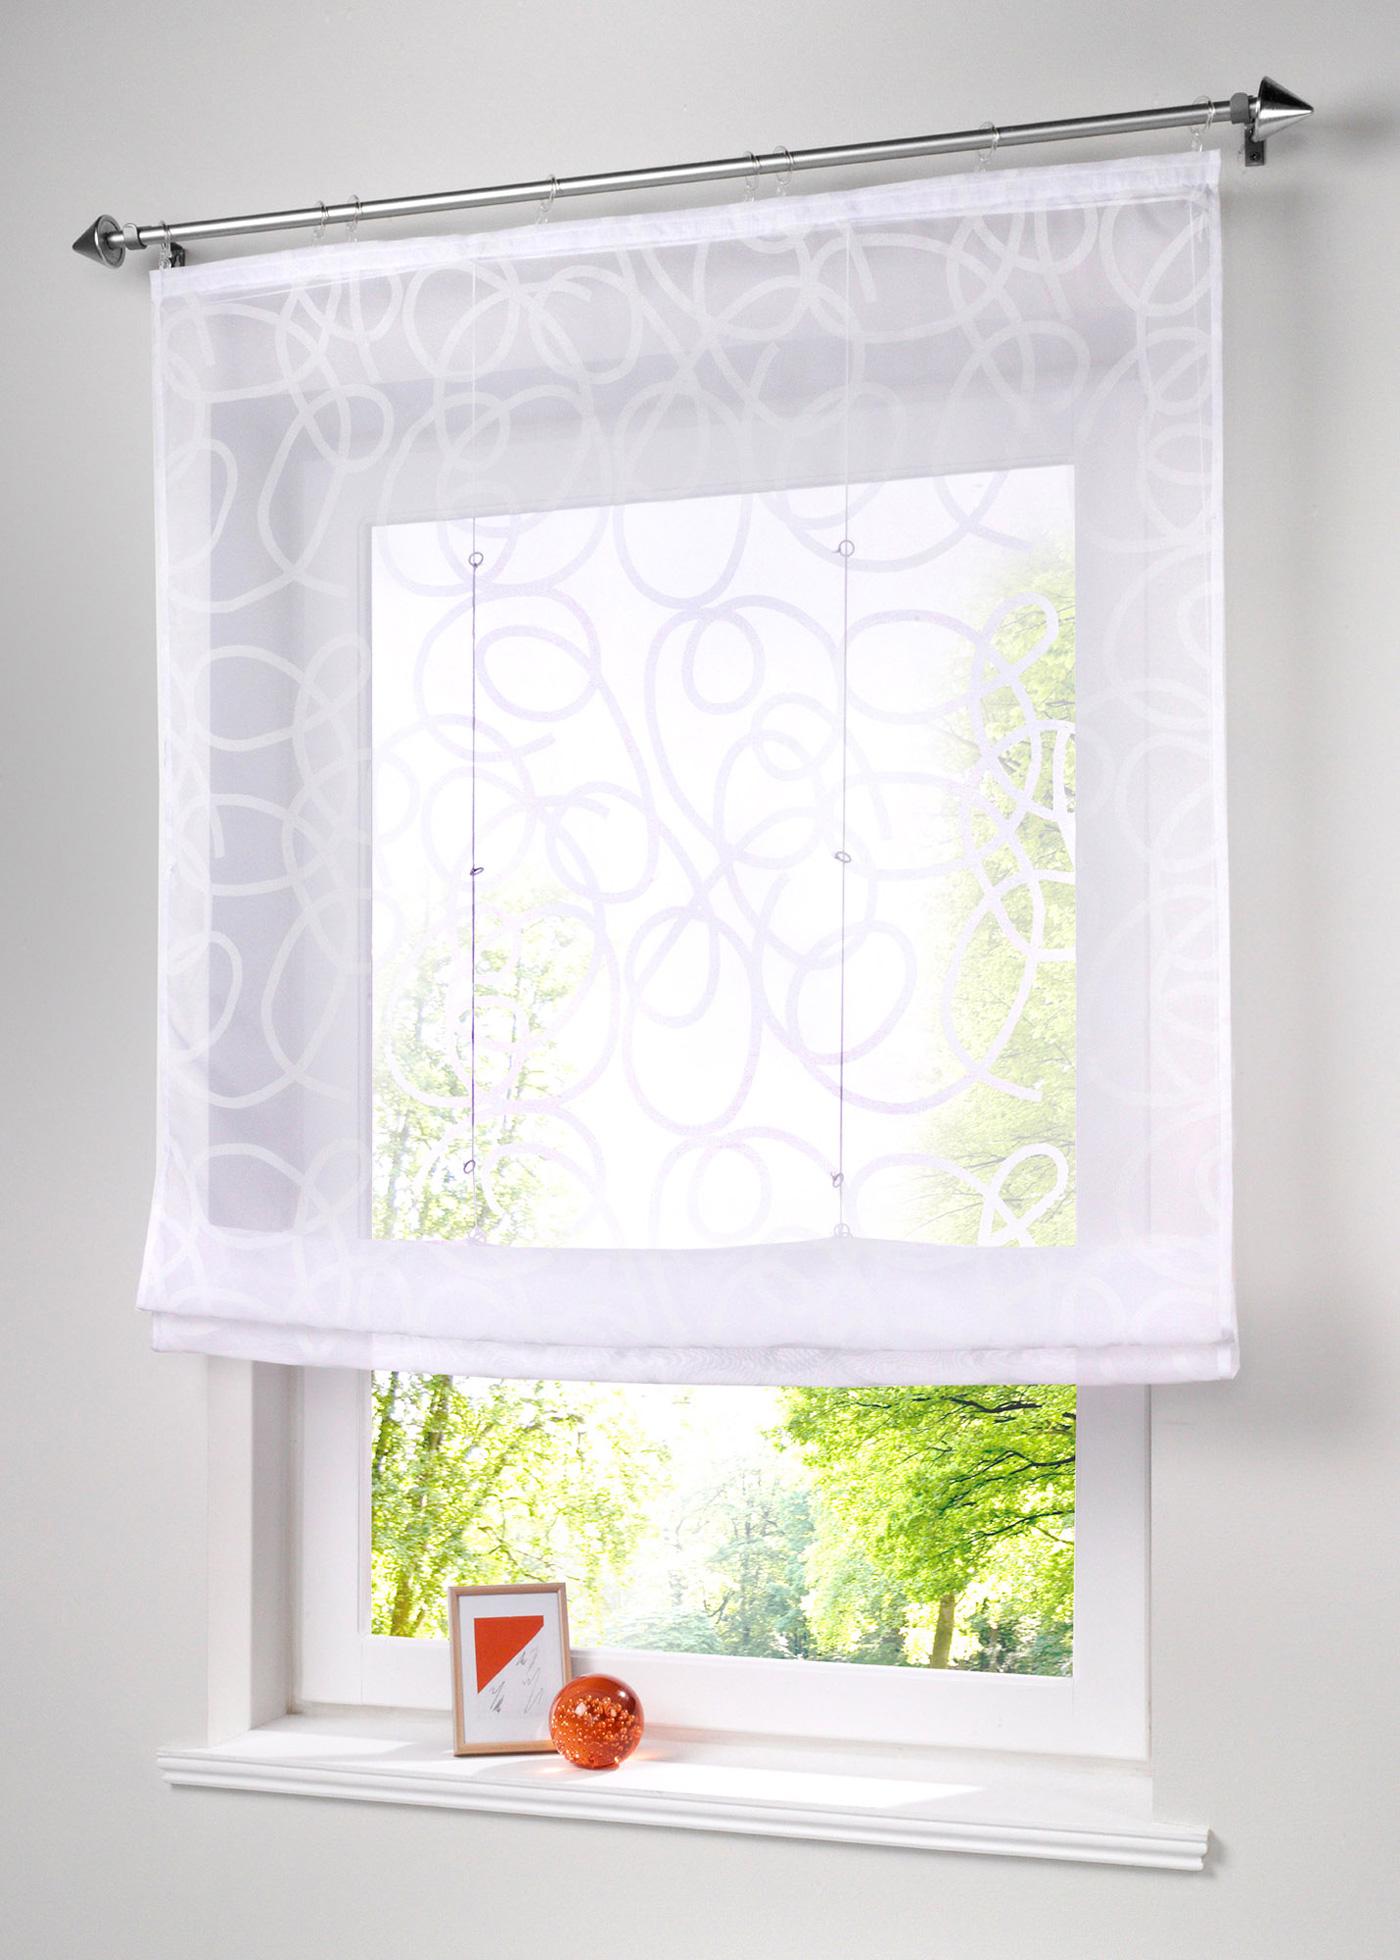 gardinen mit klettband klett klettband 1 2 5 fach. Black Bedroom Furniture Sets. Home Design Ideas